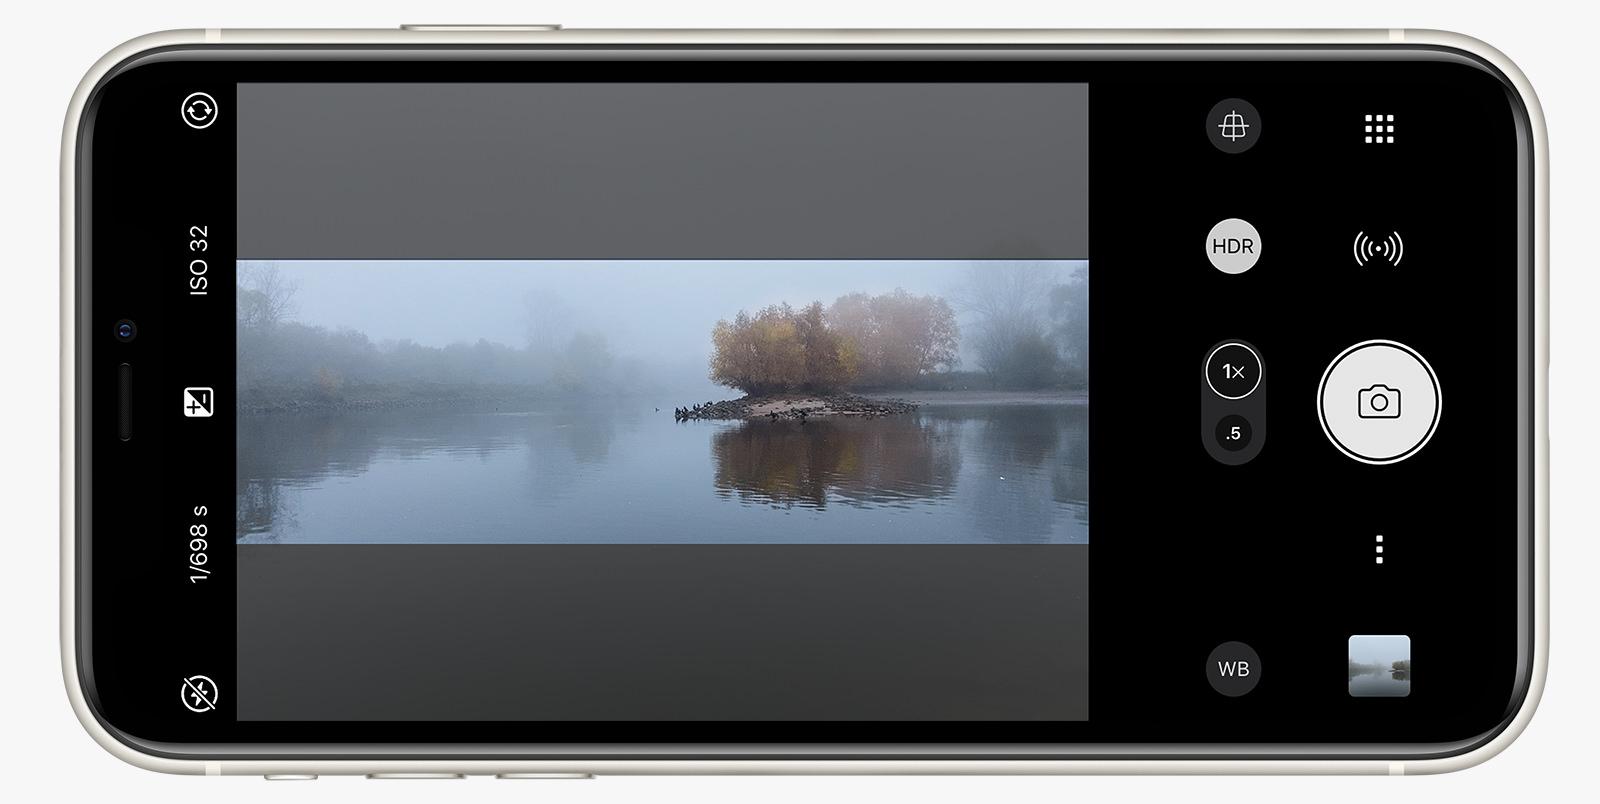 ProCamera 3x1 Capture Format